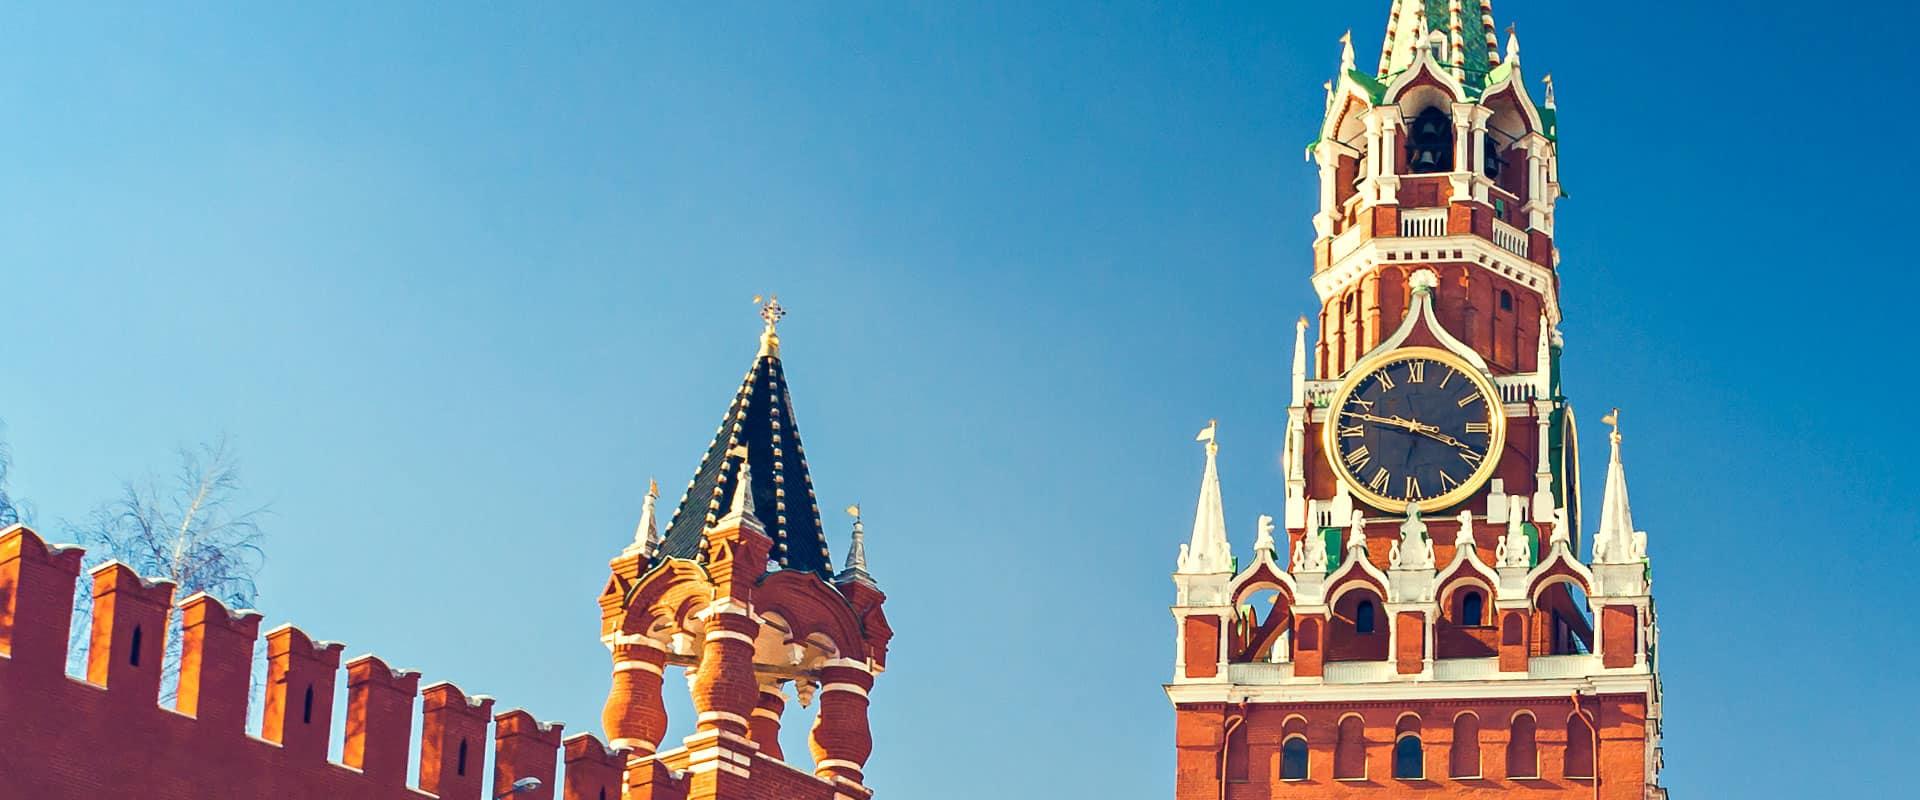 Kreml Hintergrundbild - Übersetzungsbüro München